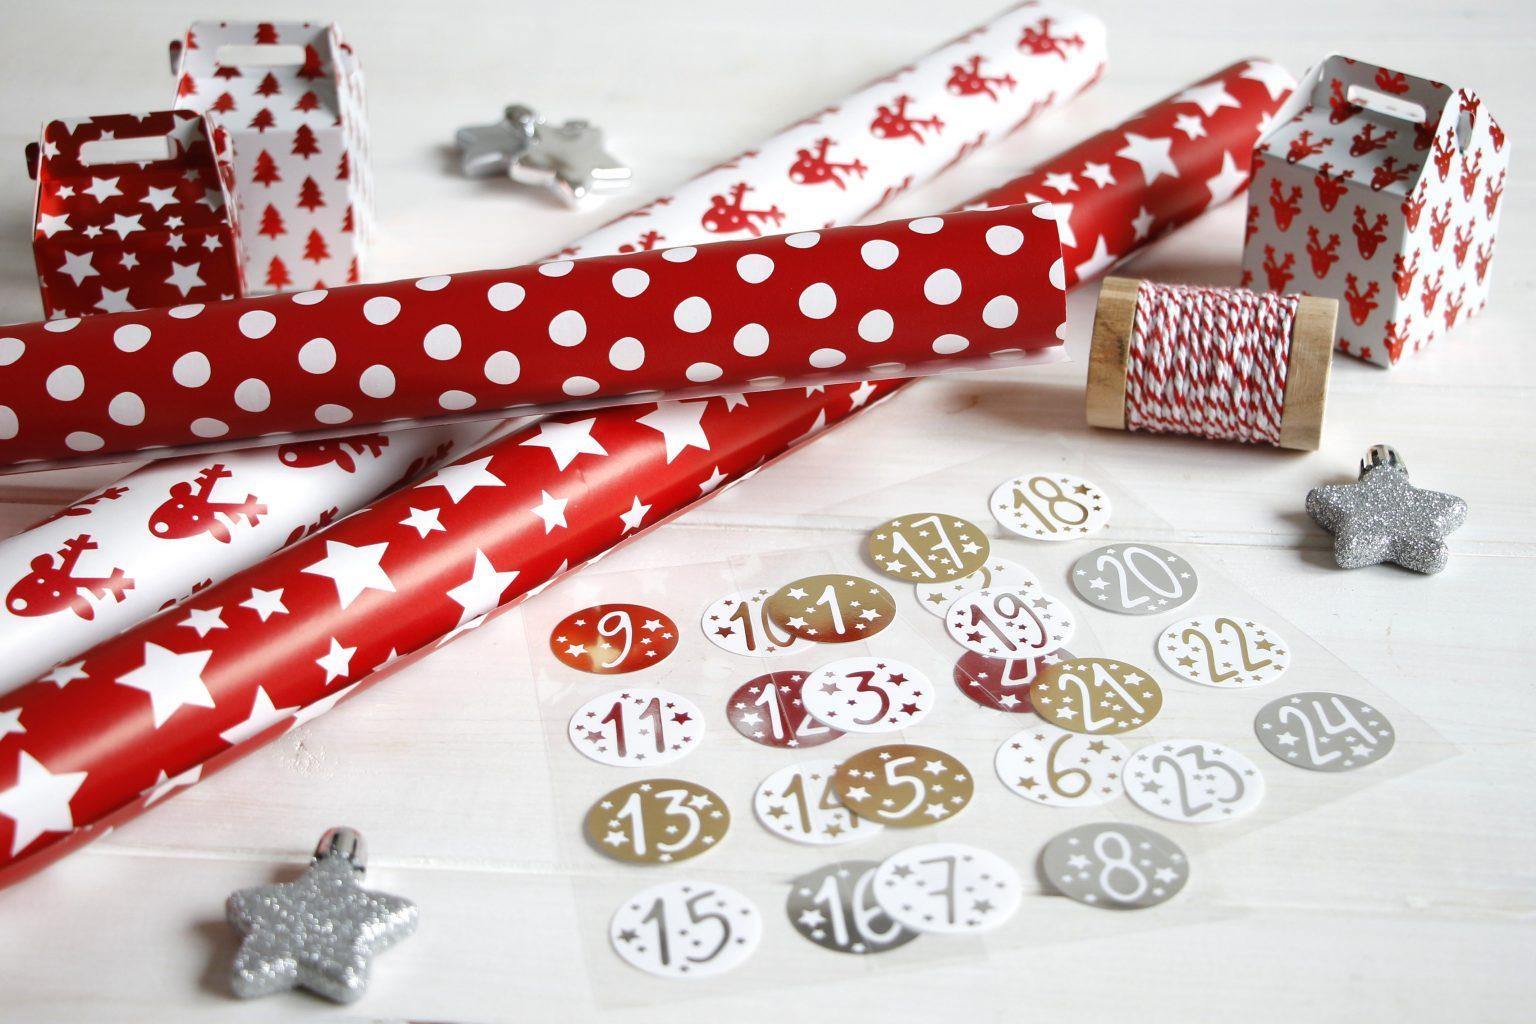 Adventskalendergeschenke kreativ verpacken